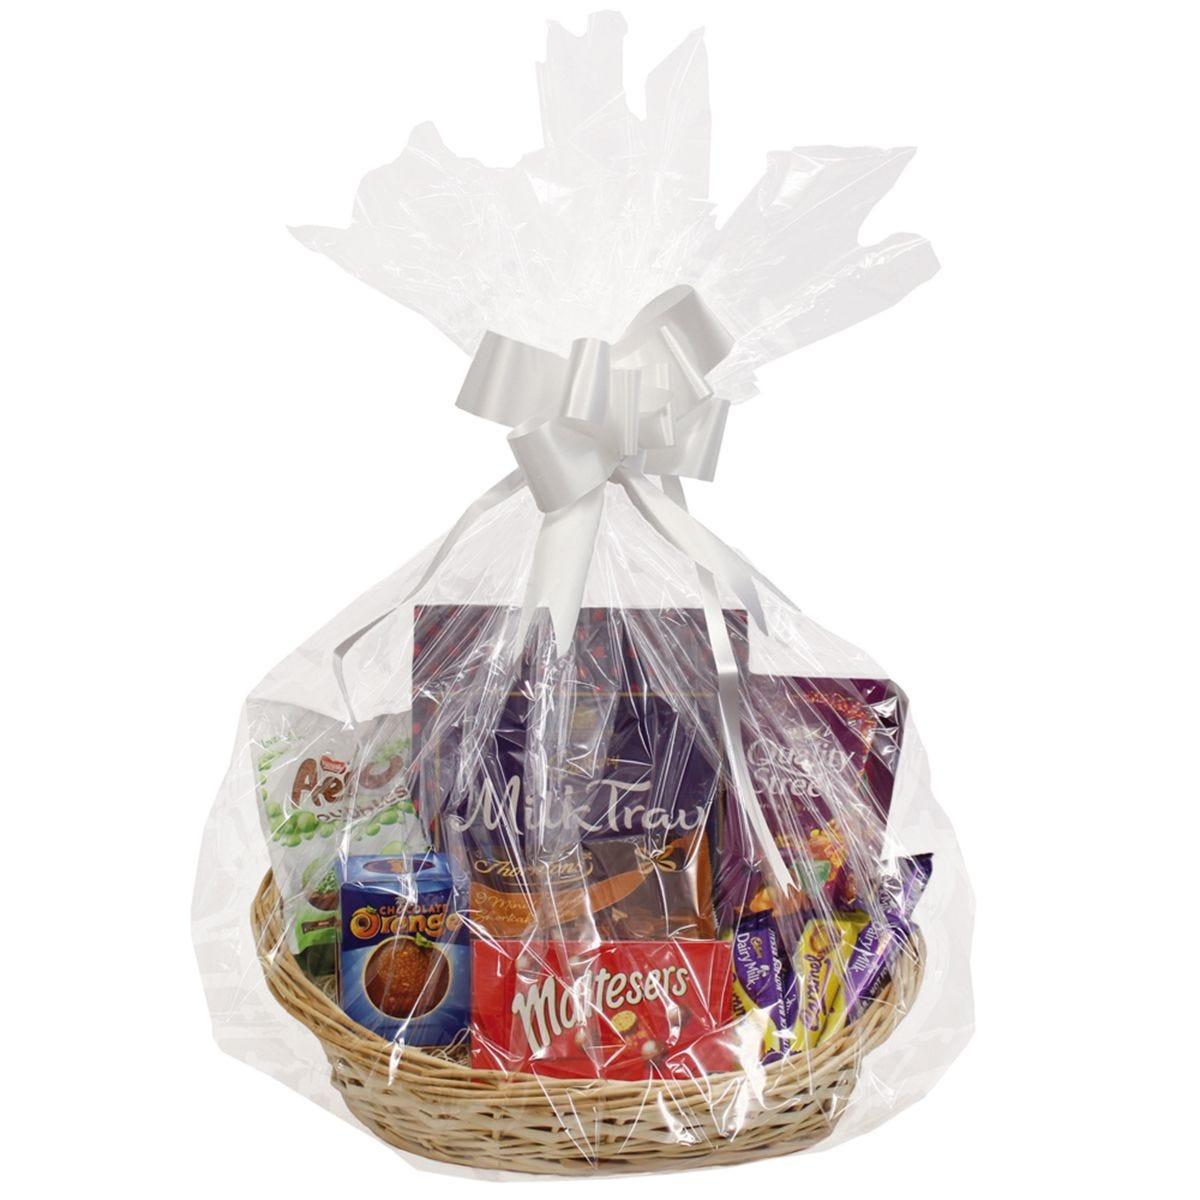 JVL Oval Make Your Own Gift Hamper Basket Kit 39 x 34 x 14 cm